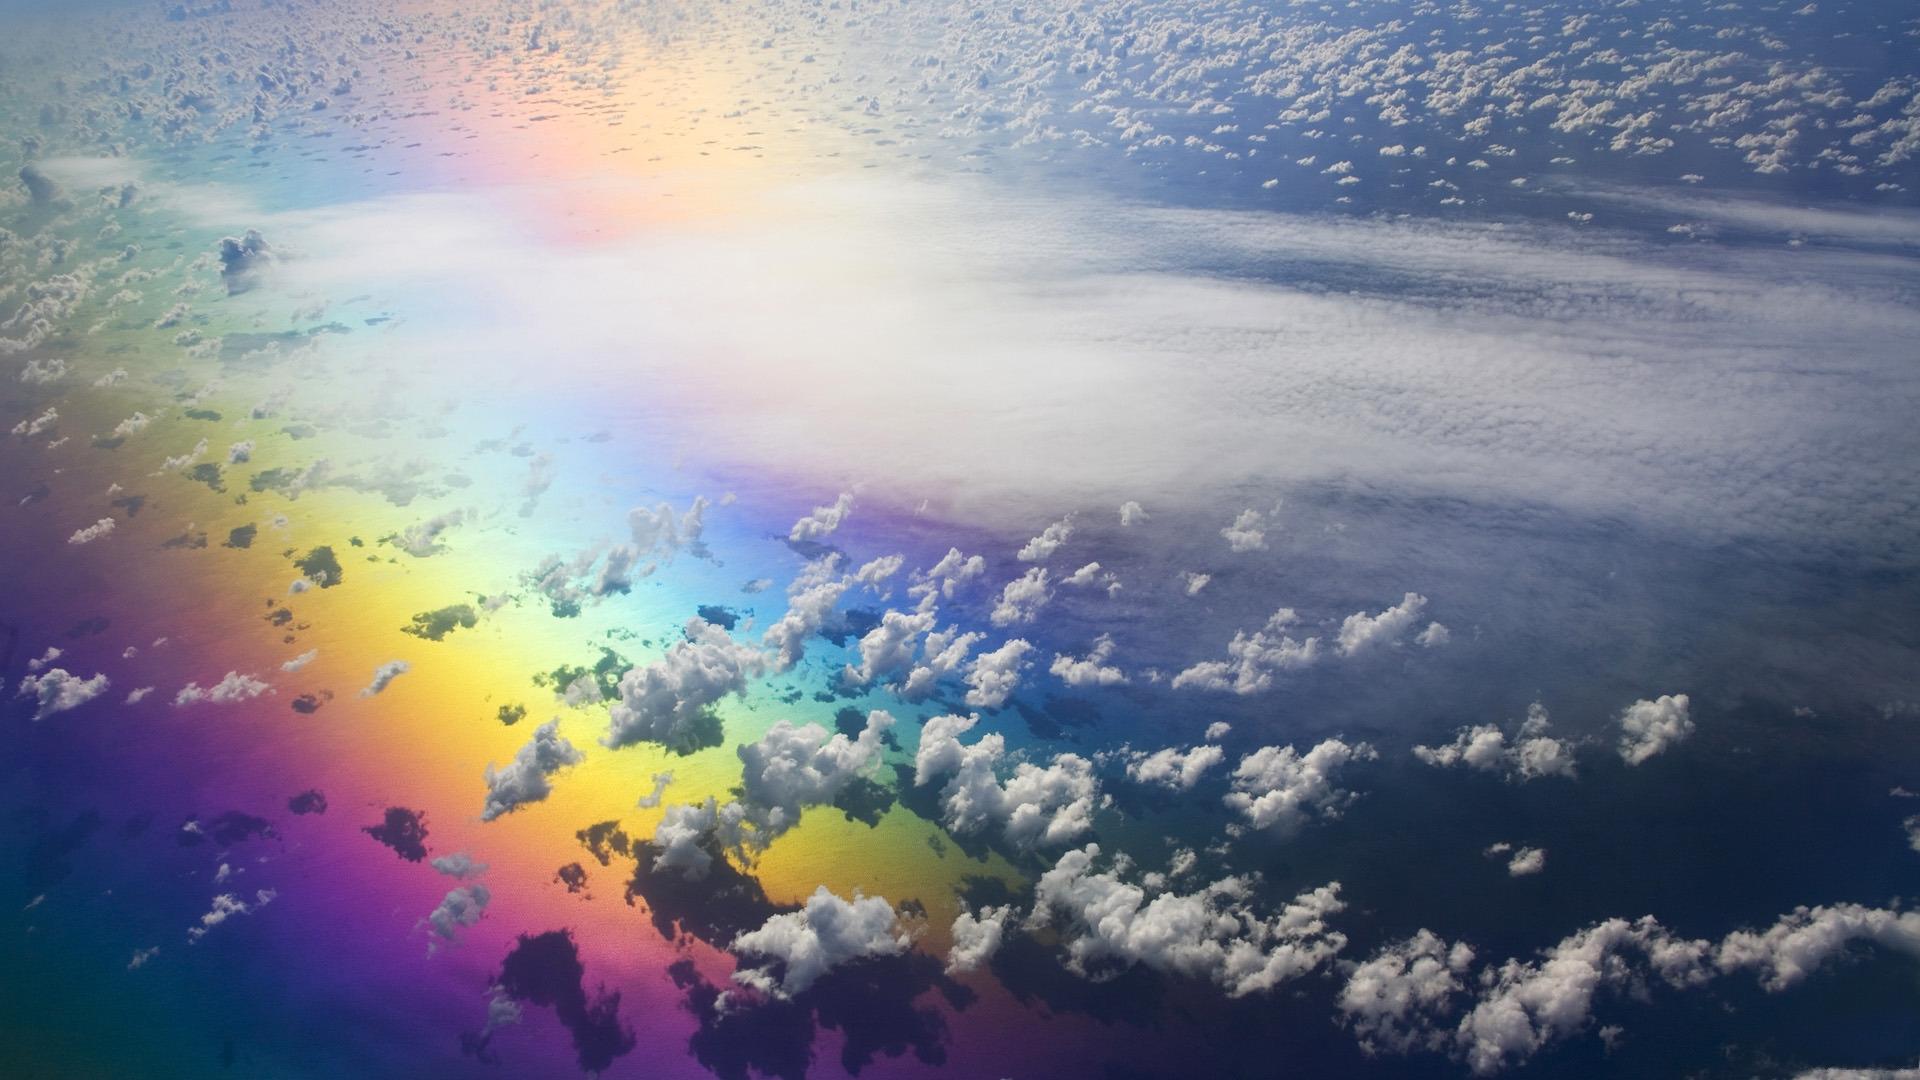 разноцветное небо бесплатно